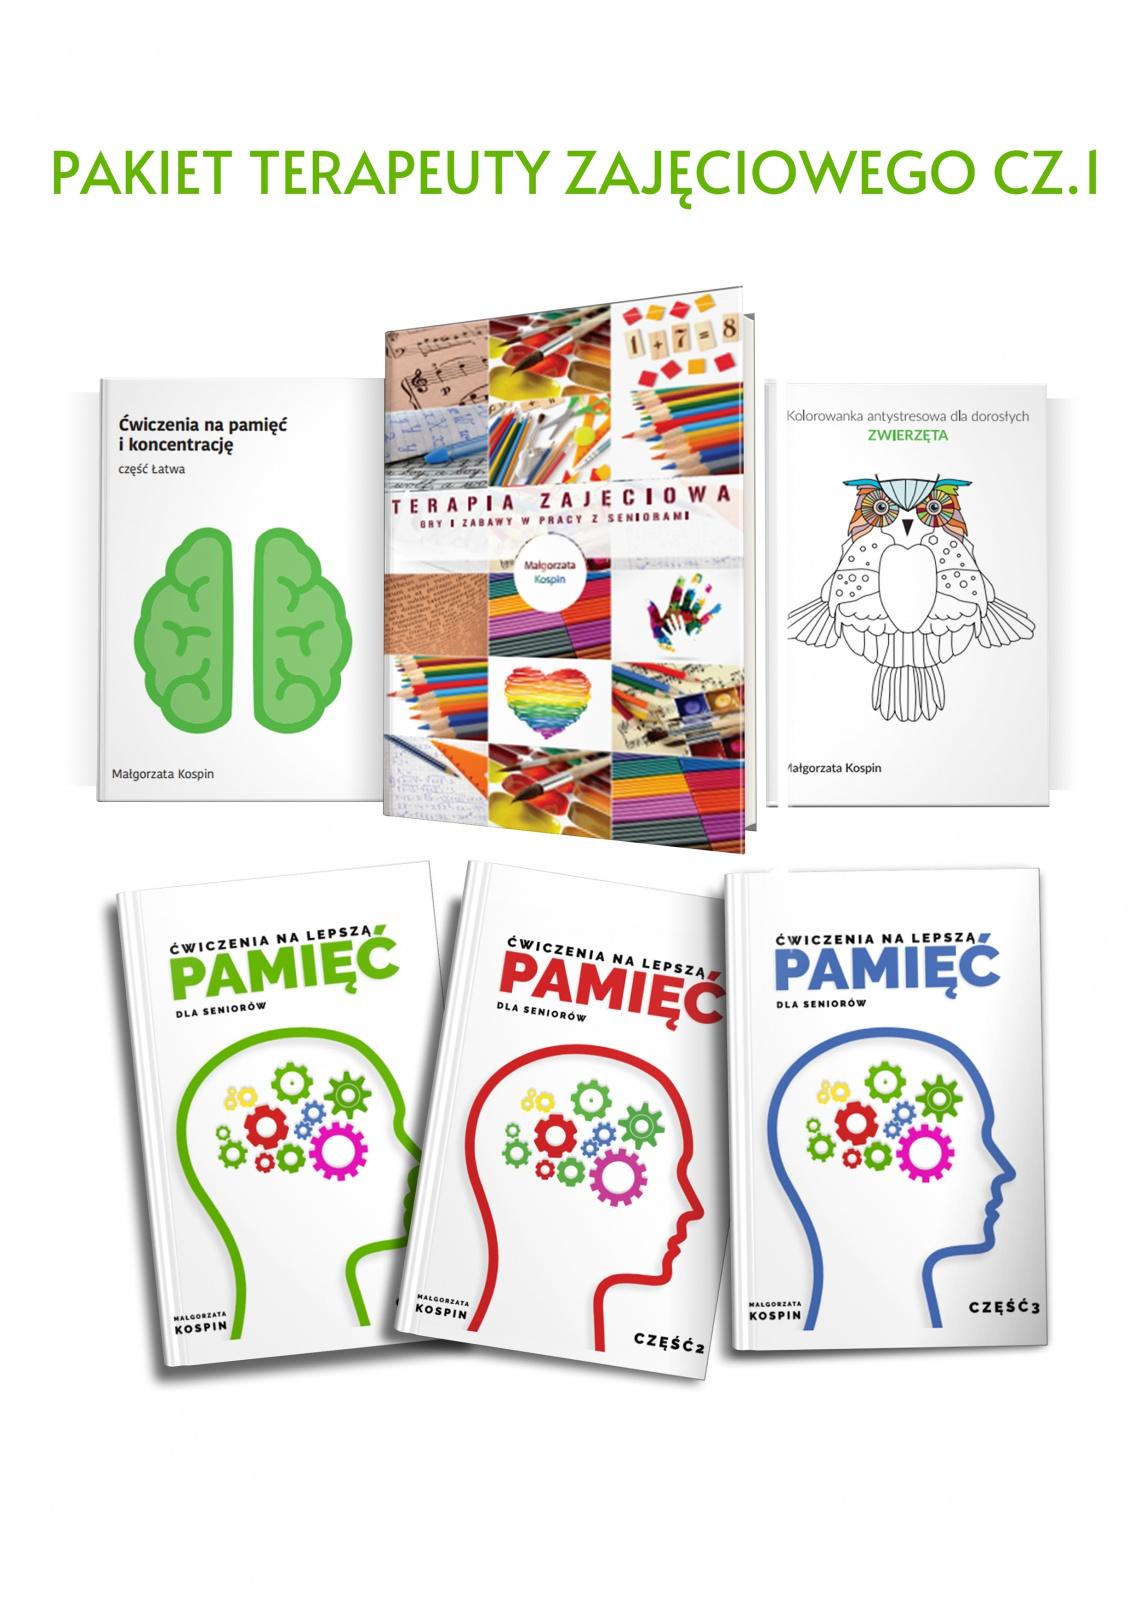 terapia zajęciowa, pakiet terapeuty zajęciowego, zajęcia dla seniorów, ćwiczenia dla seniorów, terapia seniorów